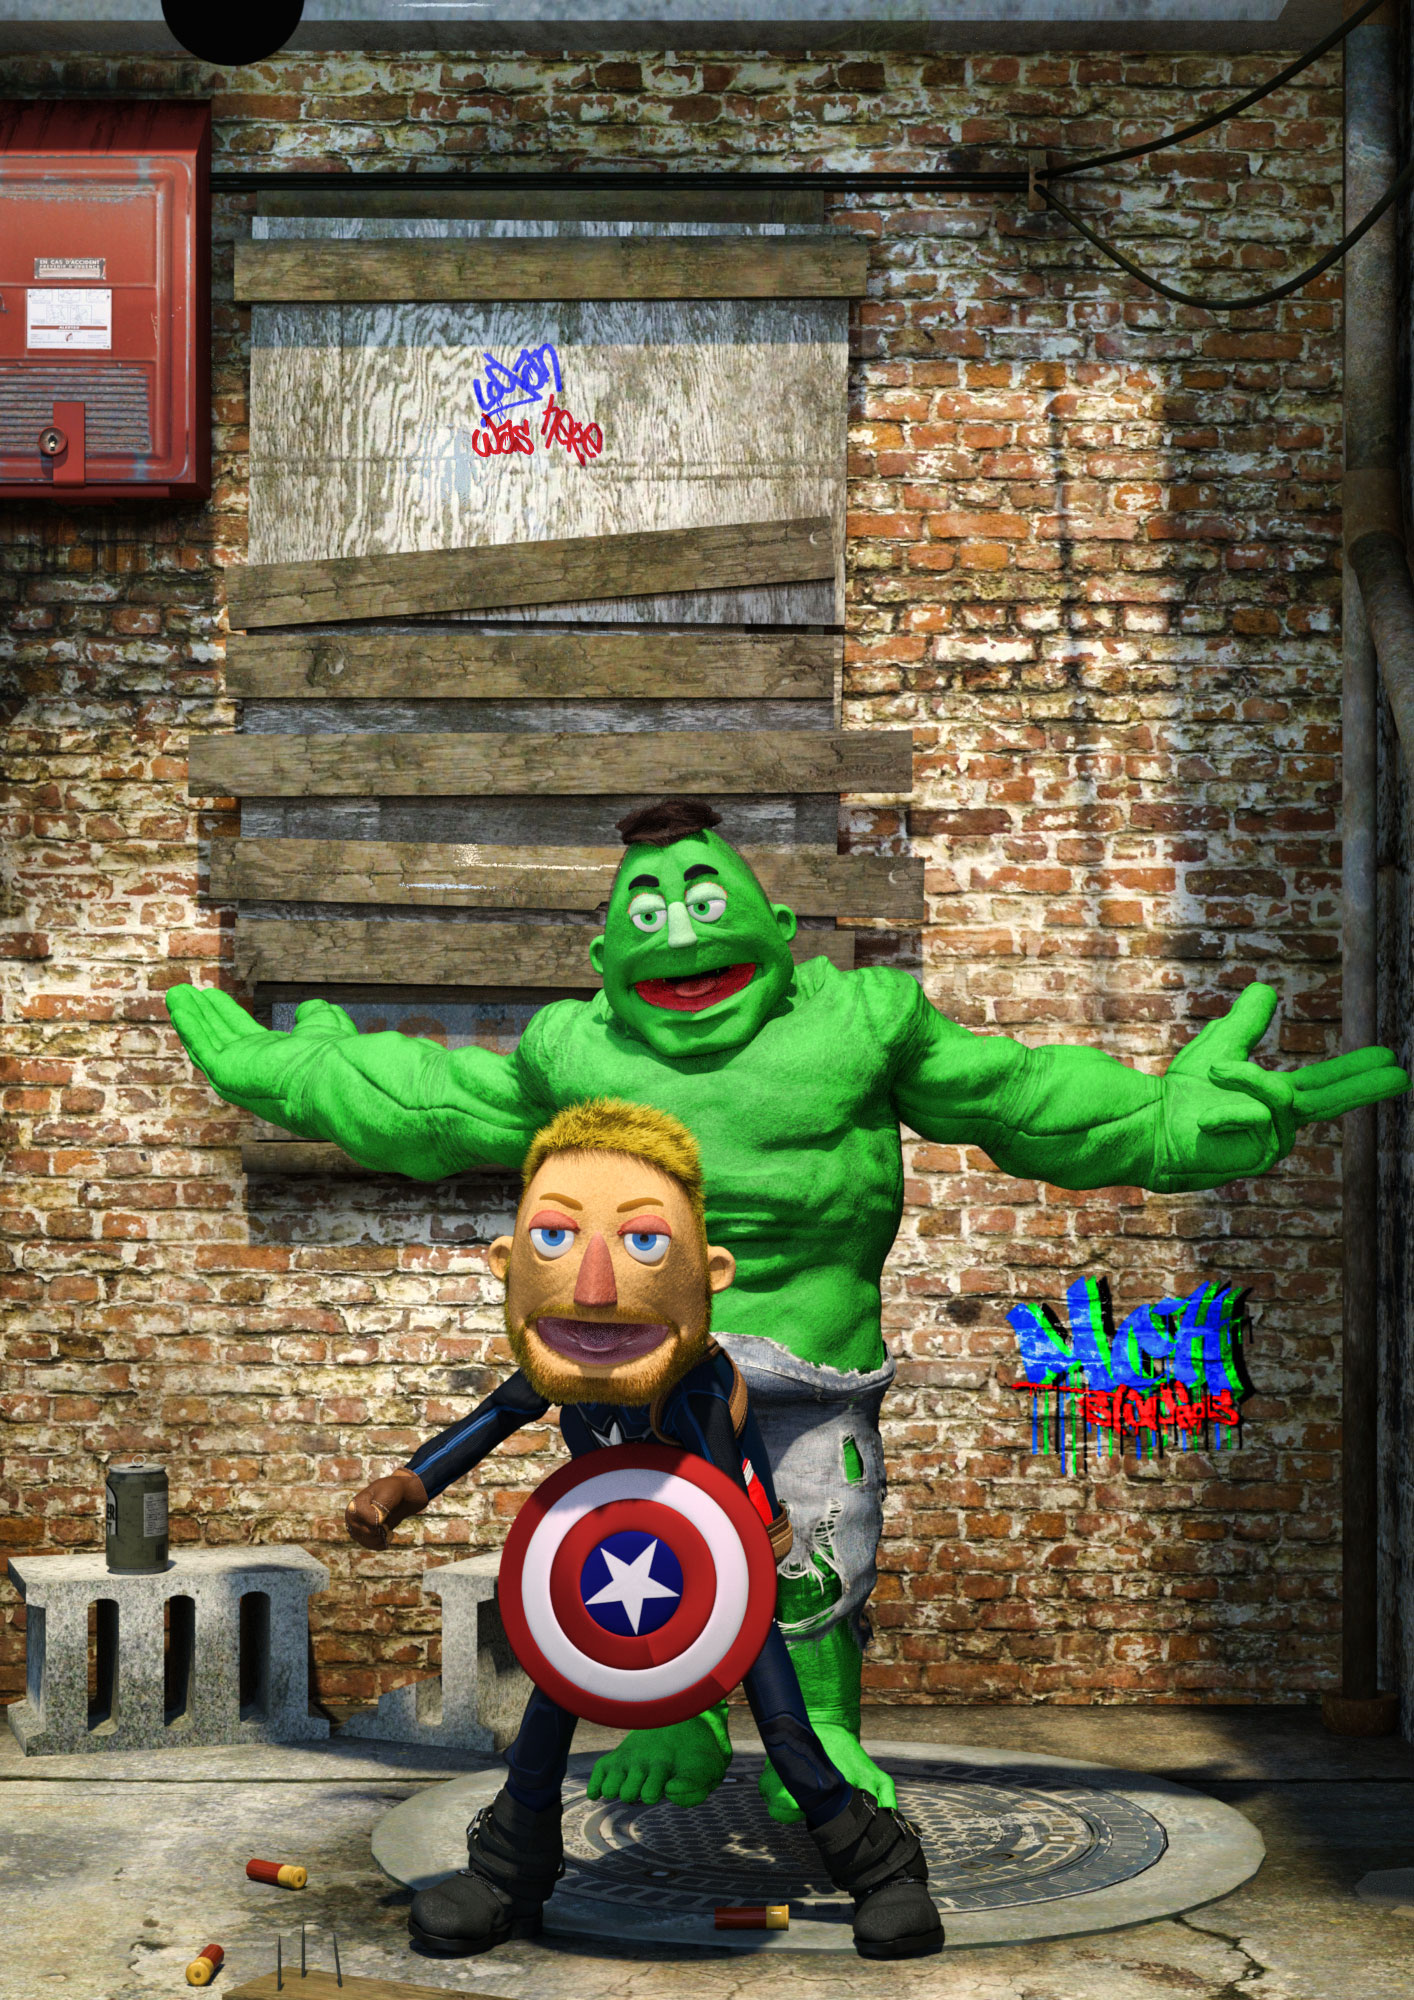 Avenging Muppets